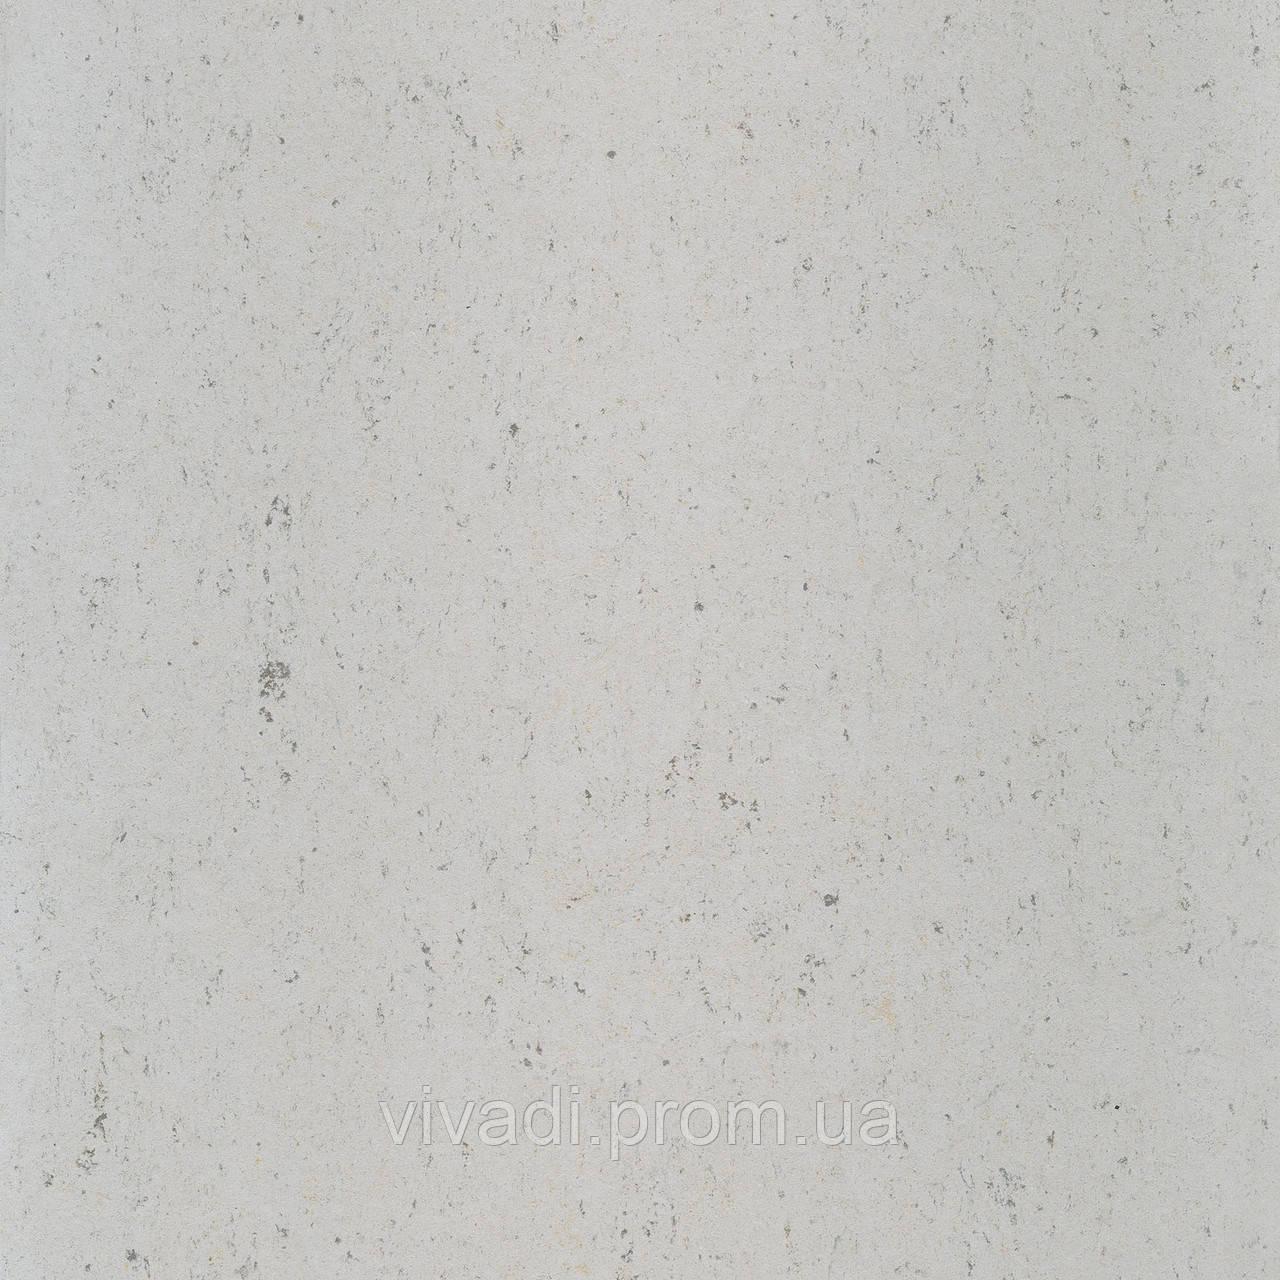 Натуральний лінолеум Colorette PUR - колір 137-052